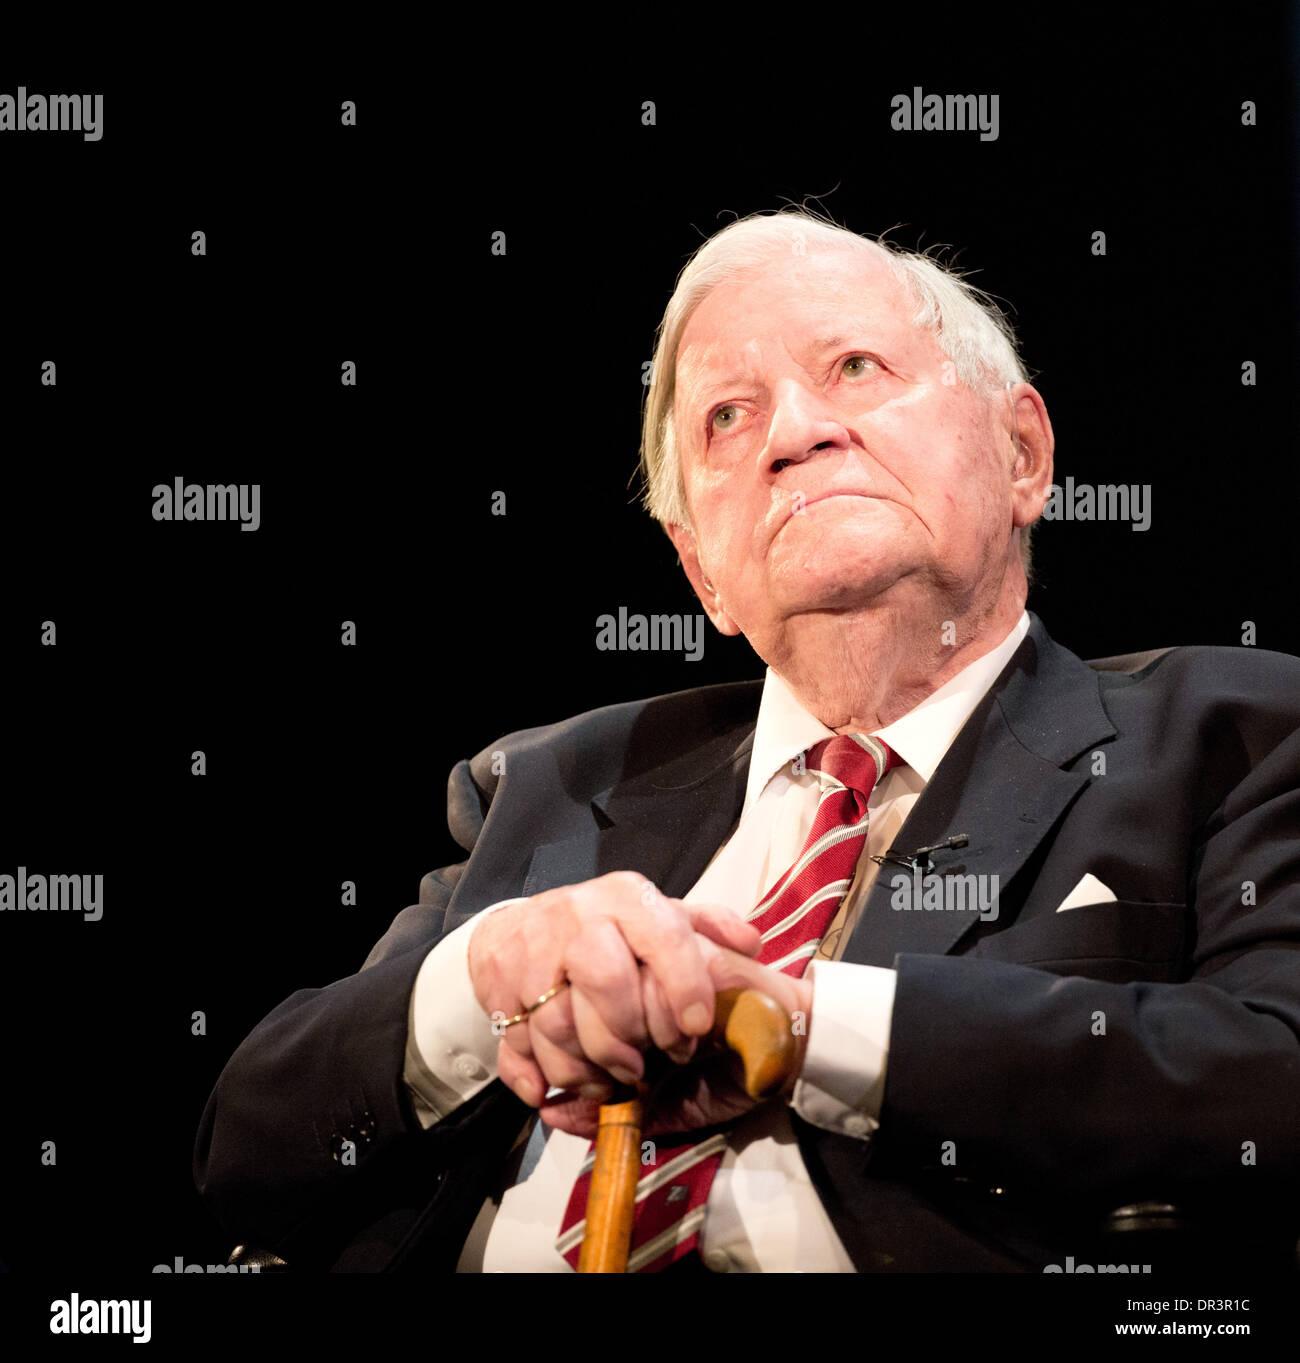 L'ex cancelliere tedesco Schmidt parla durante la sua festa di compleanno nel teatro Thalia ad Amburgo, Germania, Foto Stock